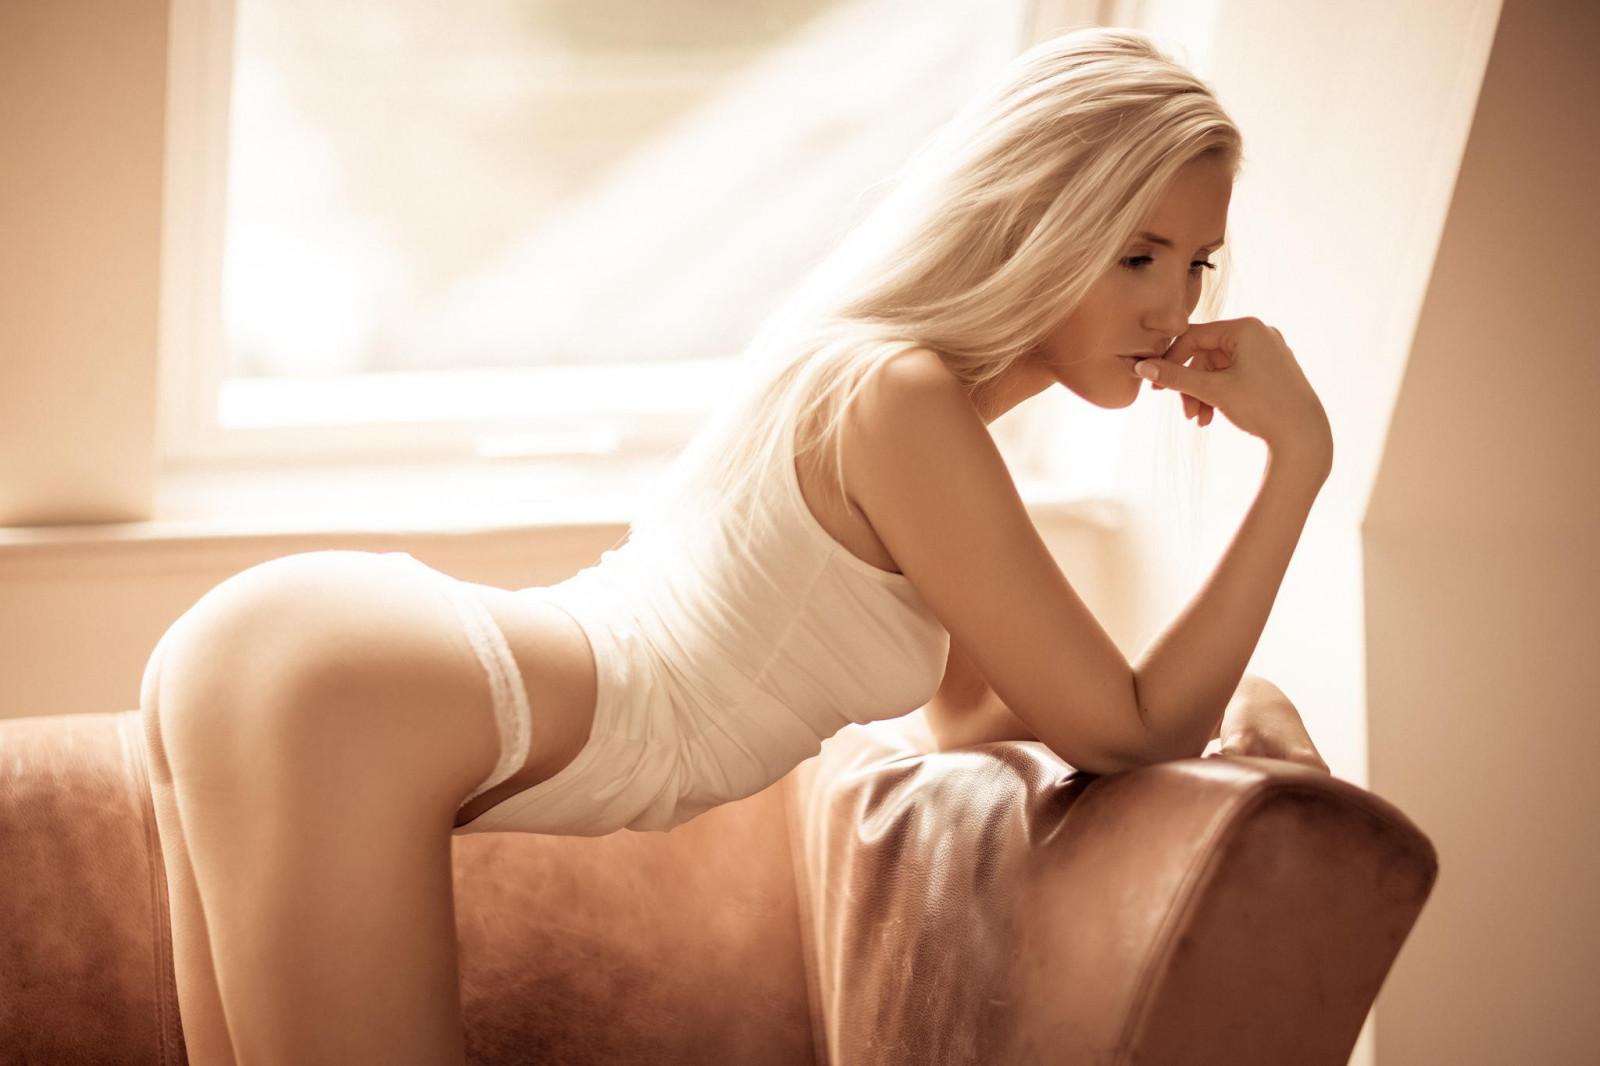 блондинки предпочитают в попку разговаривать улице парикмахершей